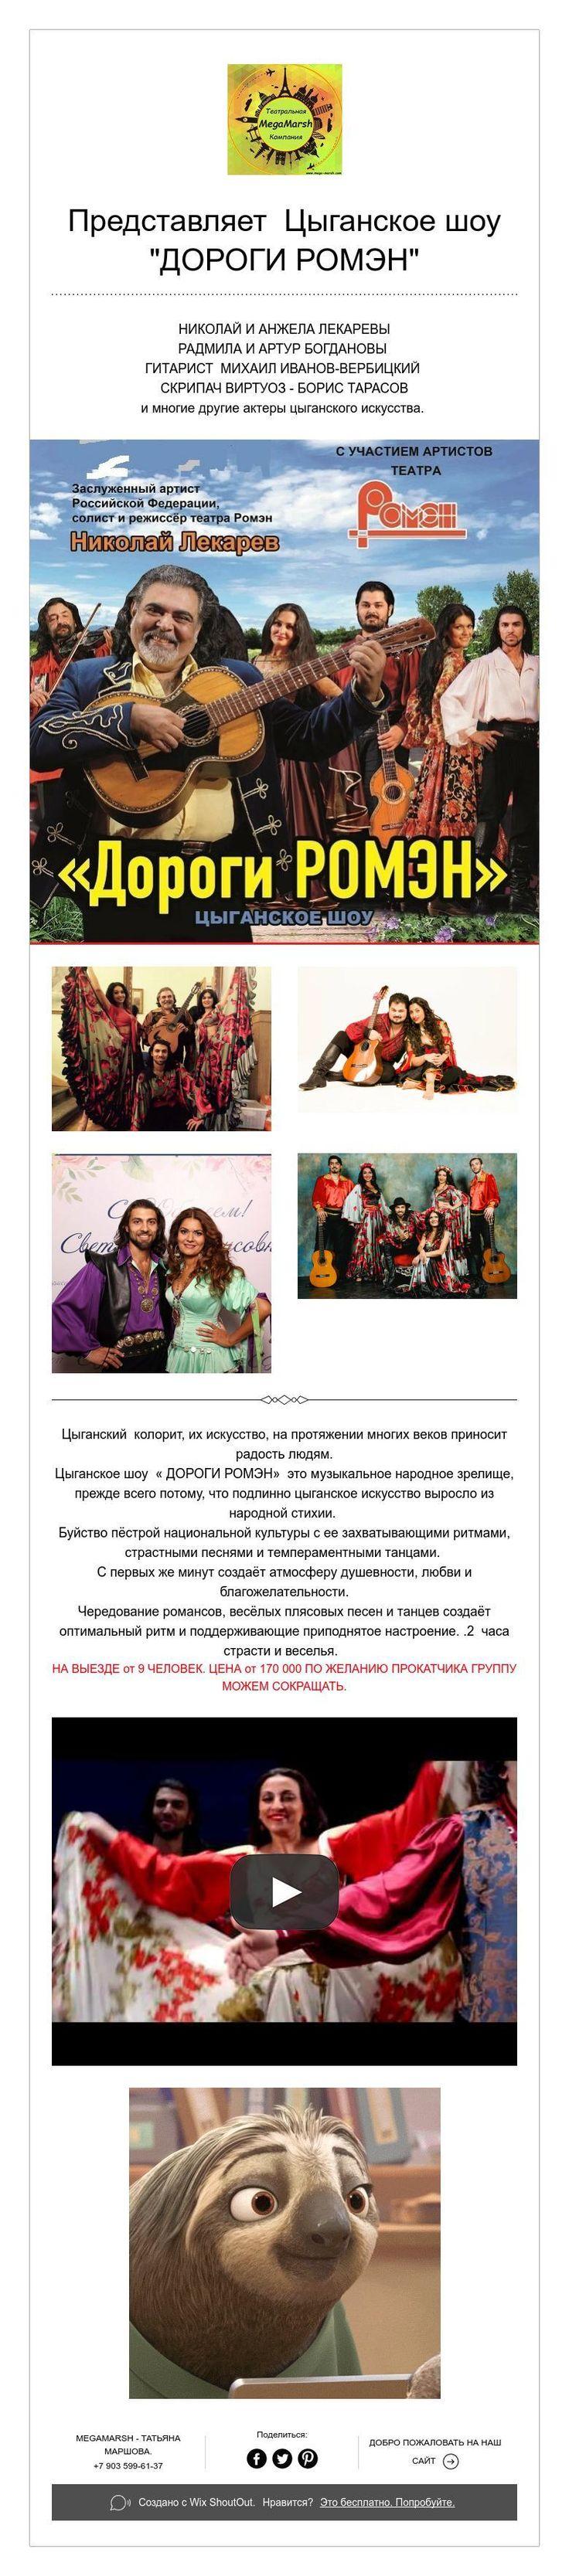 """Представляет Цыганское шоу """"ДОРОГИ РОМЭН"""""""